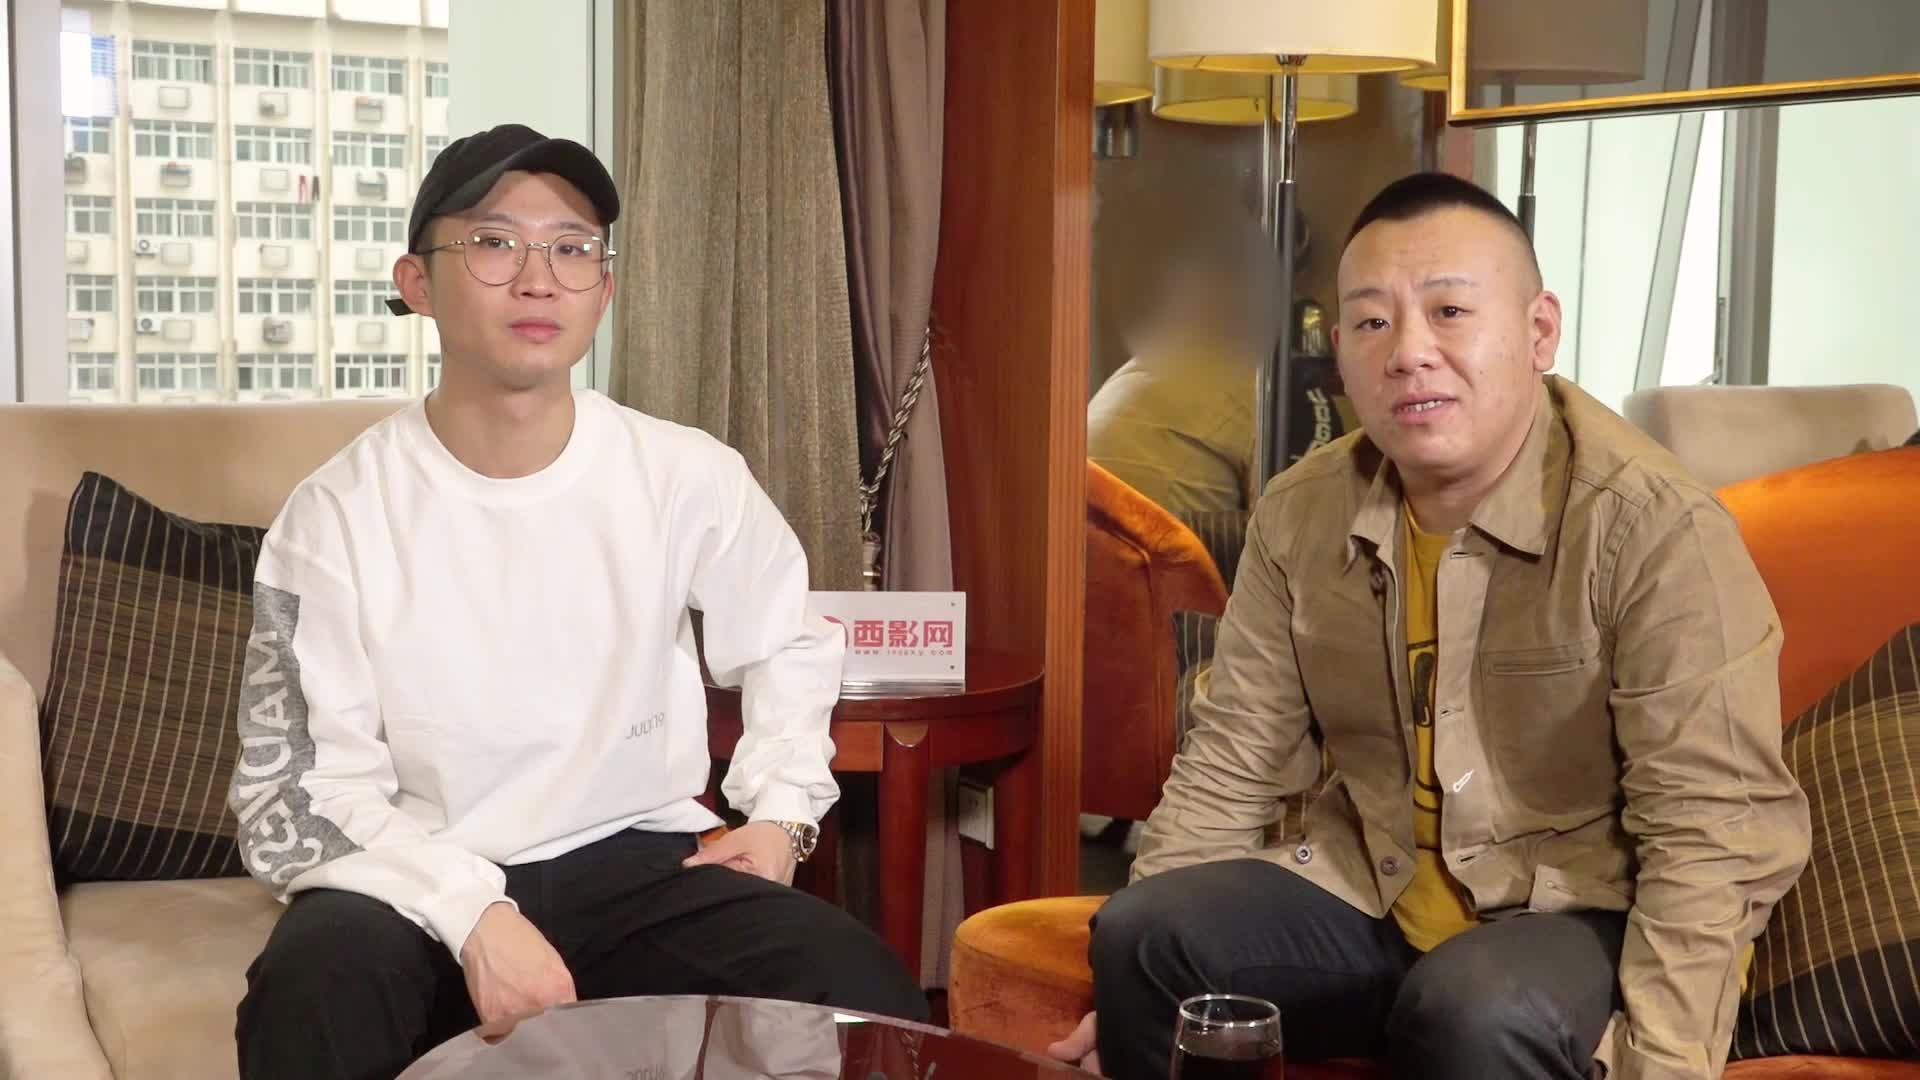 嘻哈包袱铺相声演员金霏晨曦专访